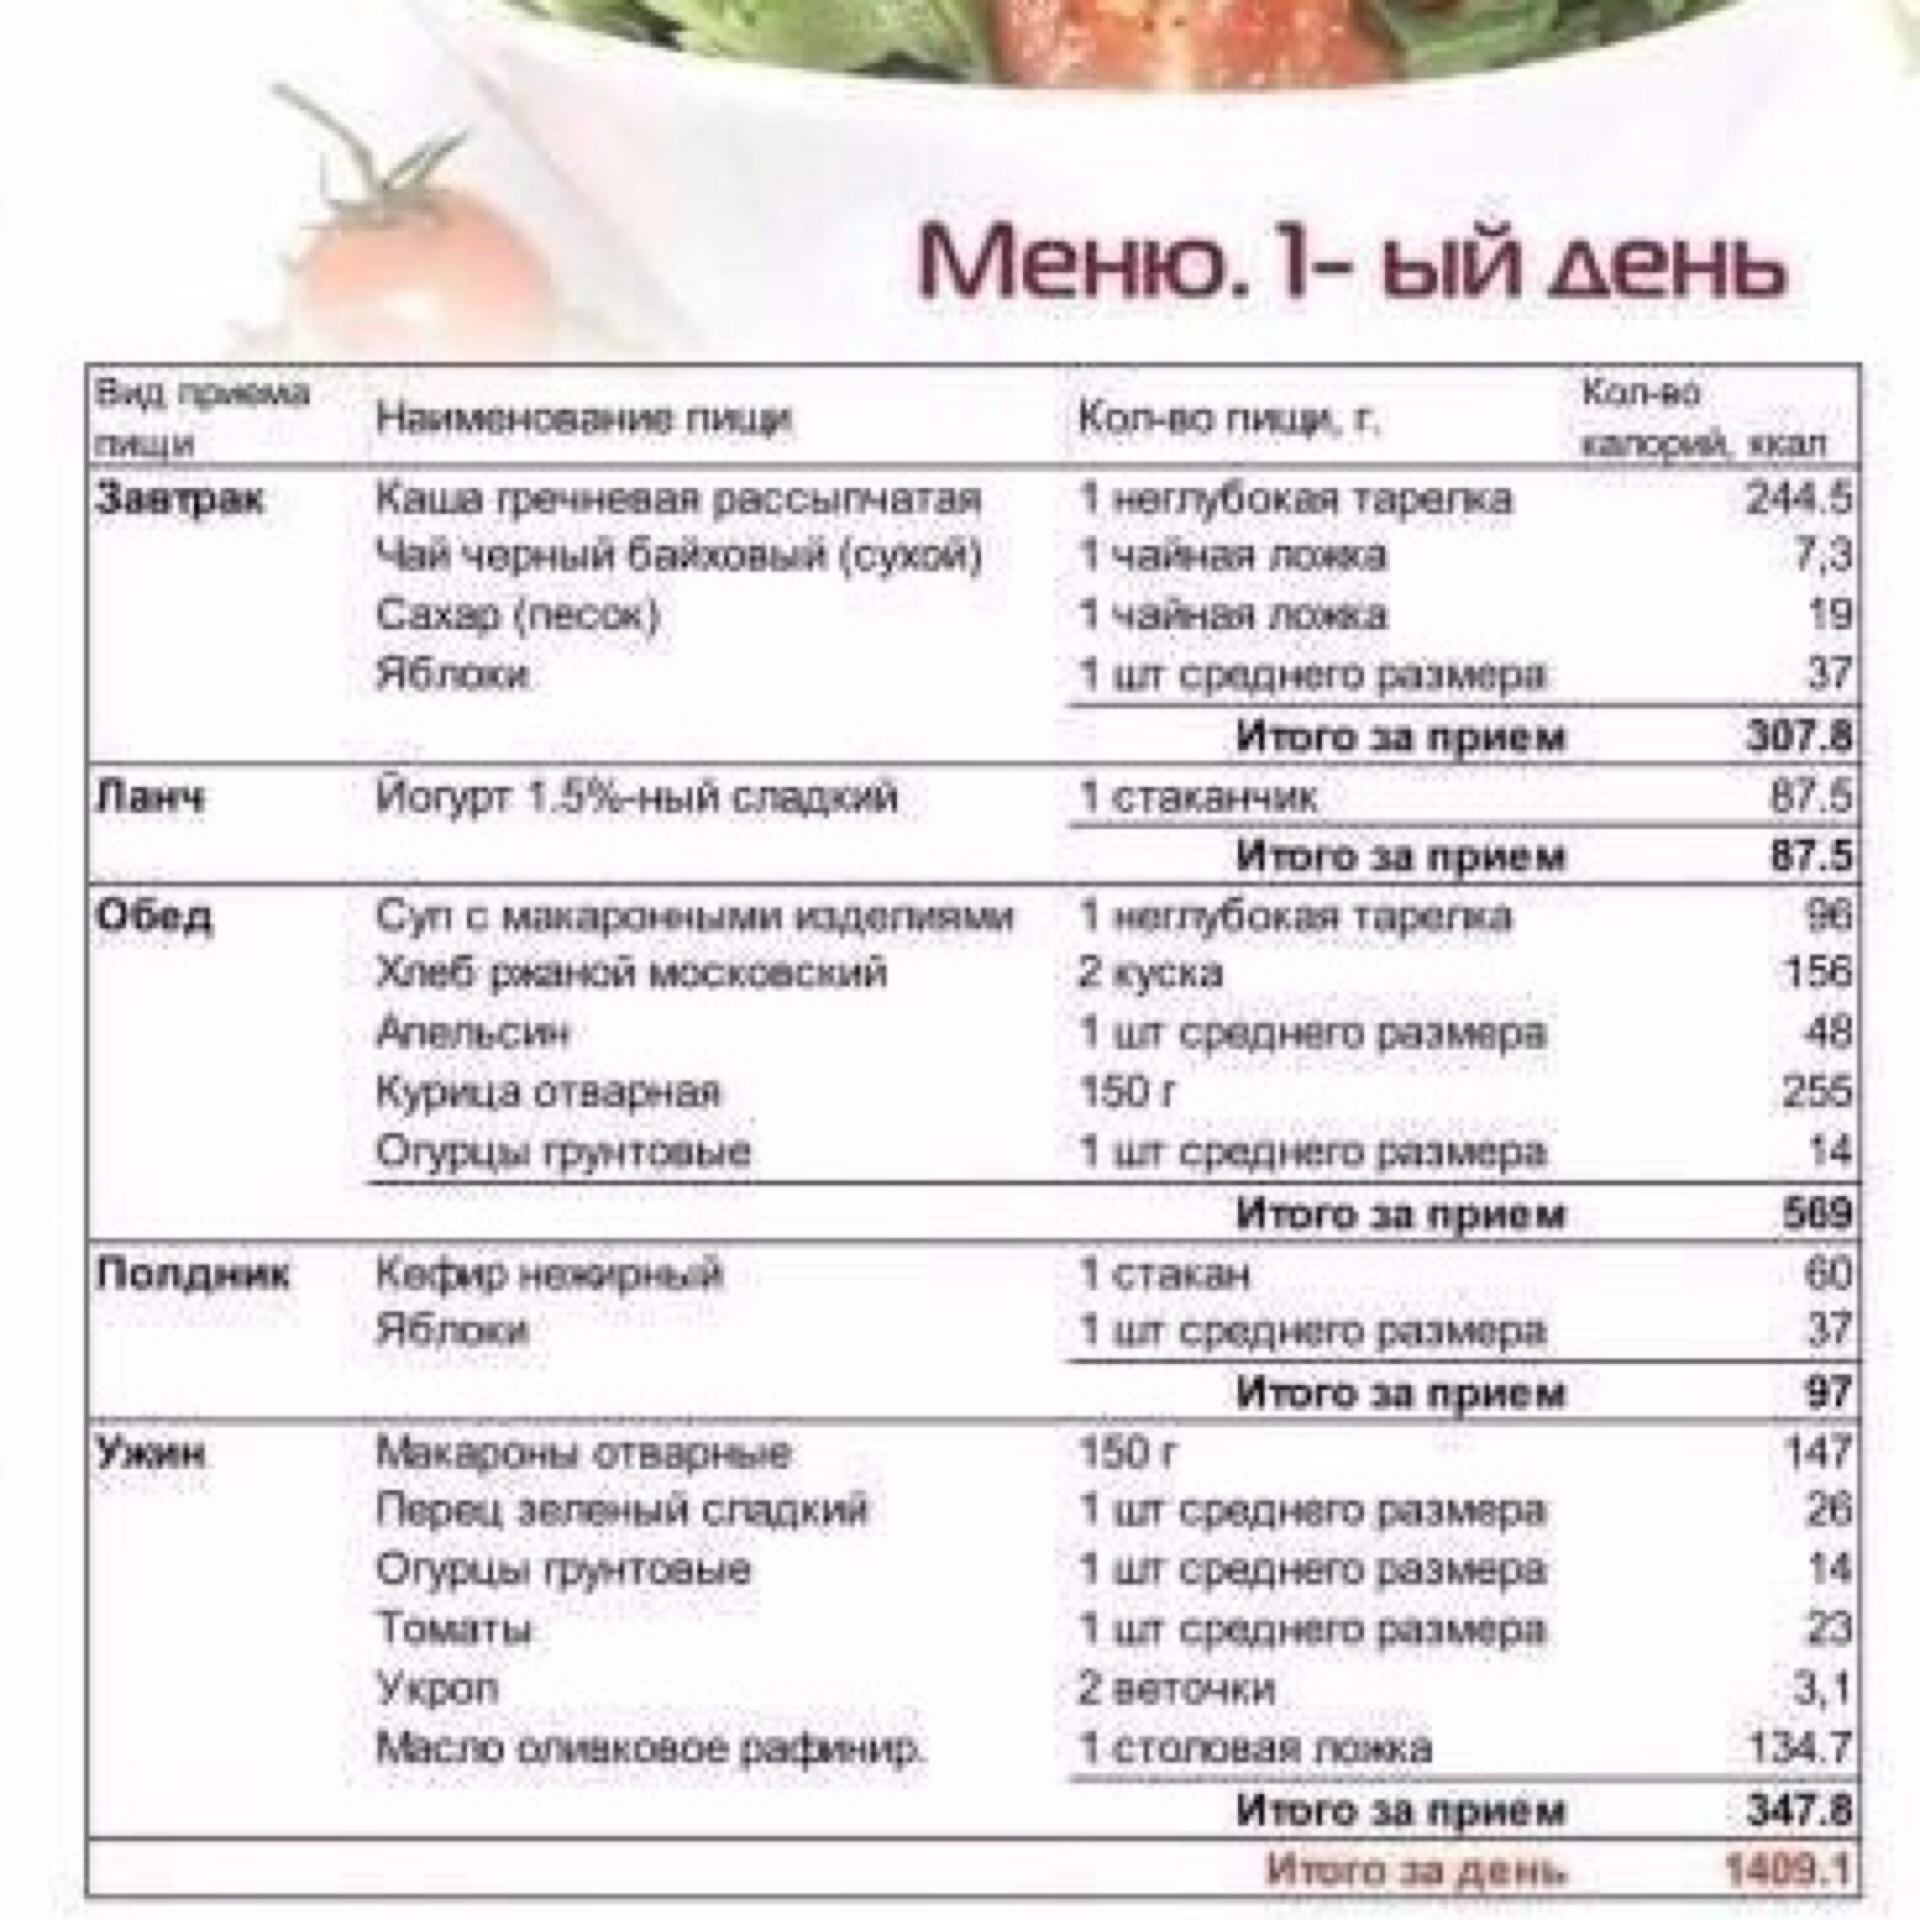 План Еды На День Для Похудения. Меню правильного питания на каждый день для похудения с рецептами